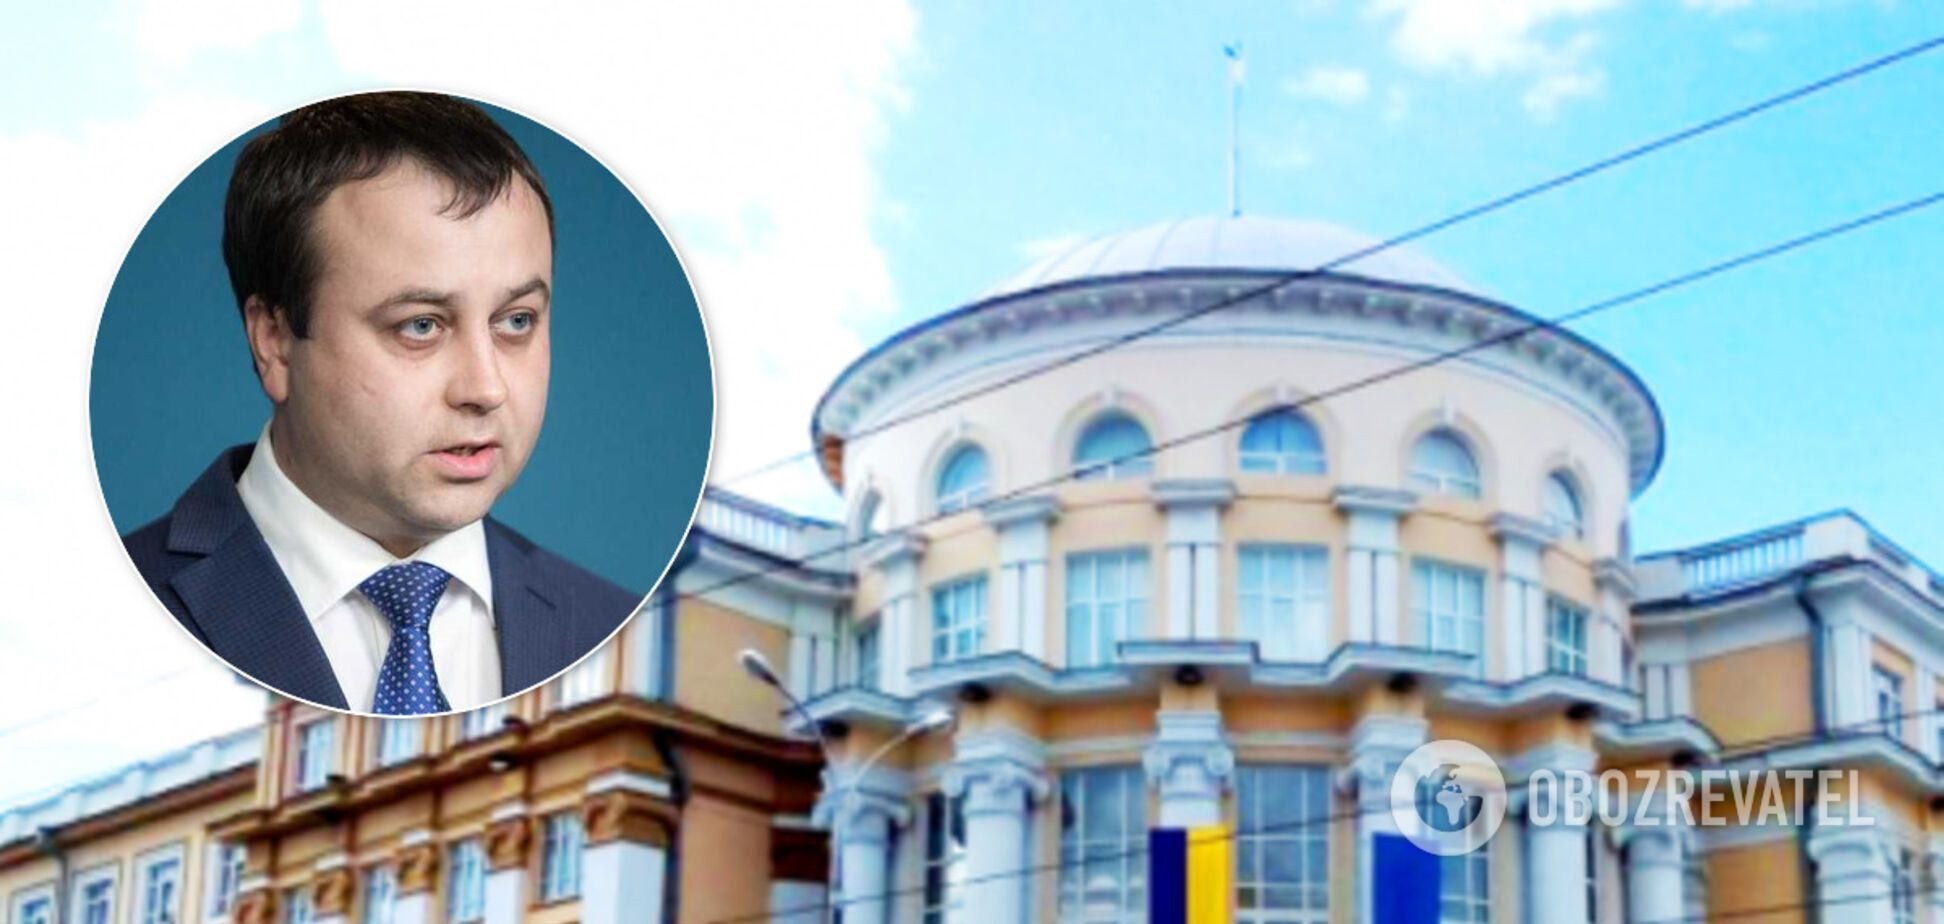 Кабмин согласовал смену председателя Винницкой ОГА: что известно о новом главе